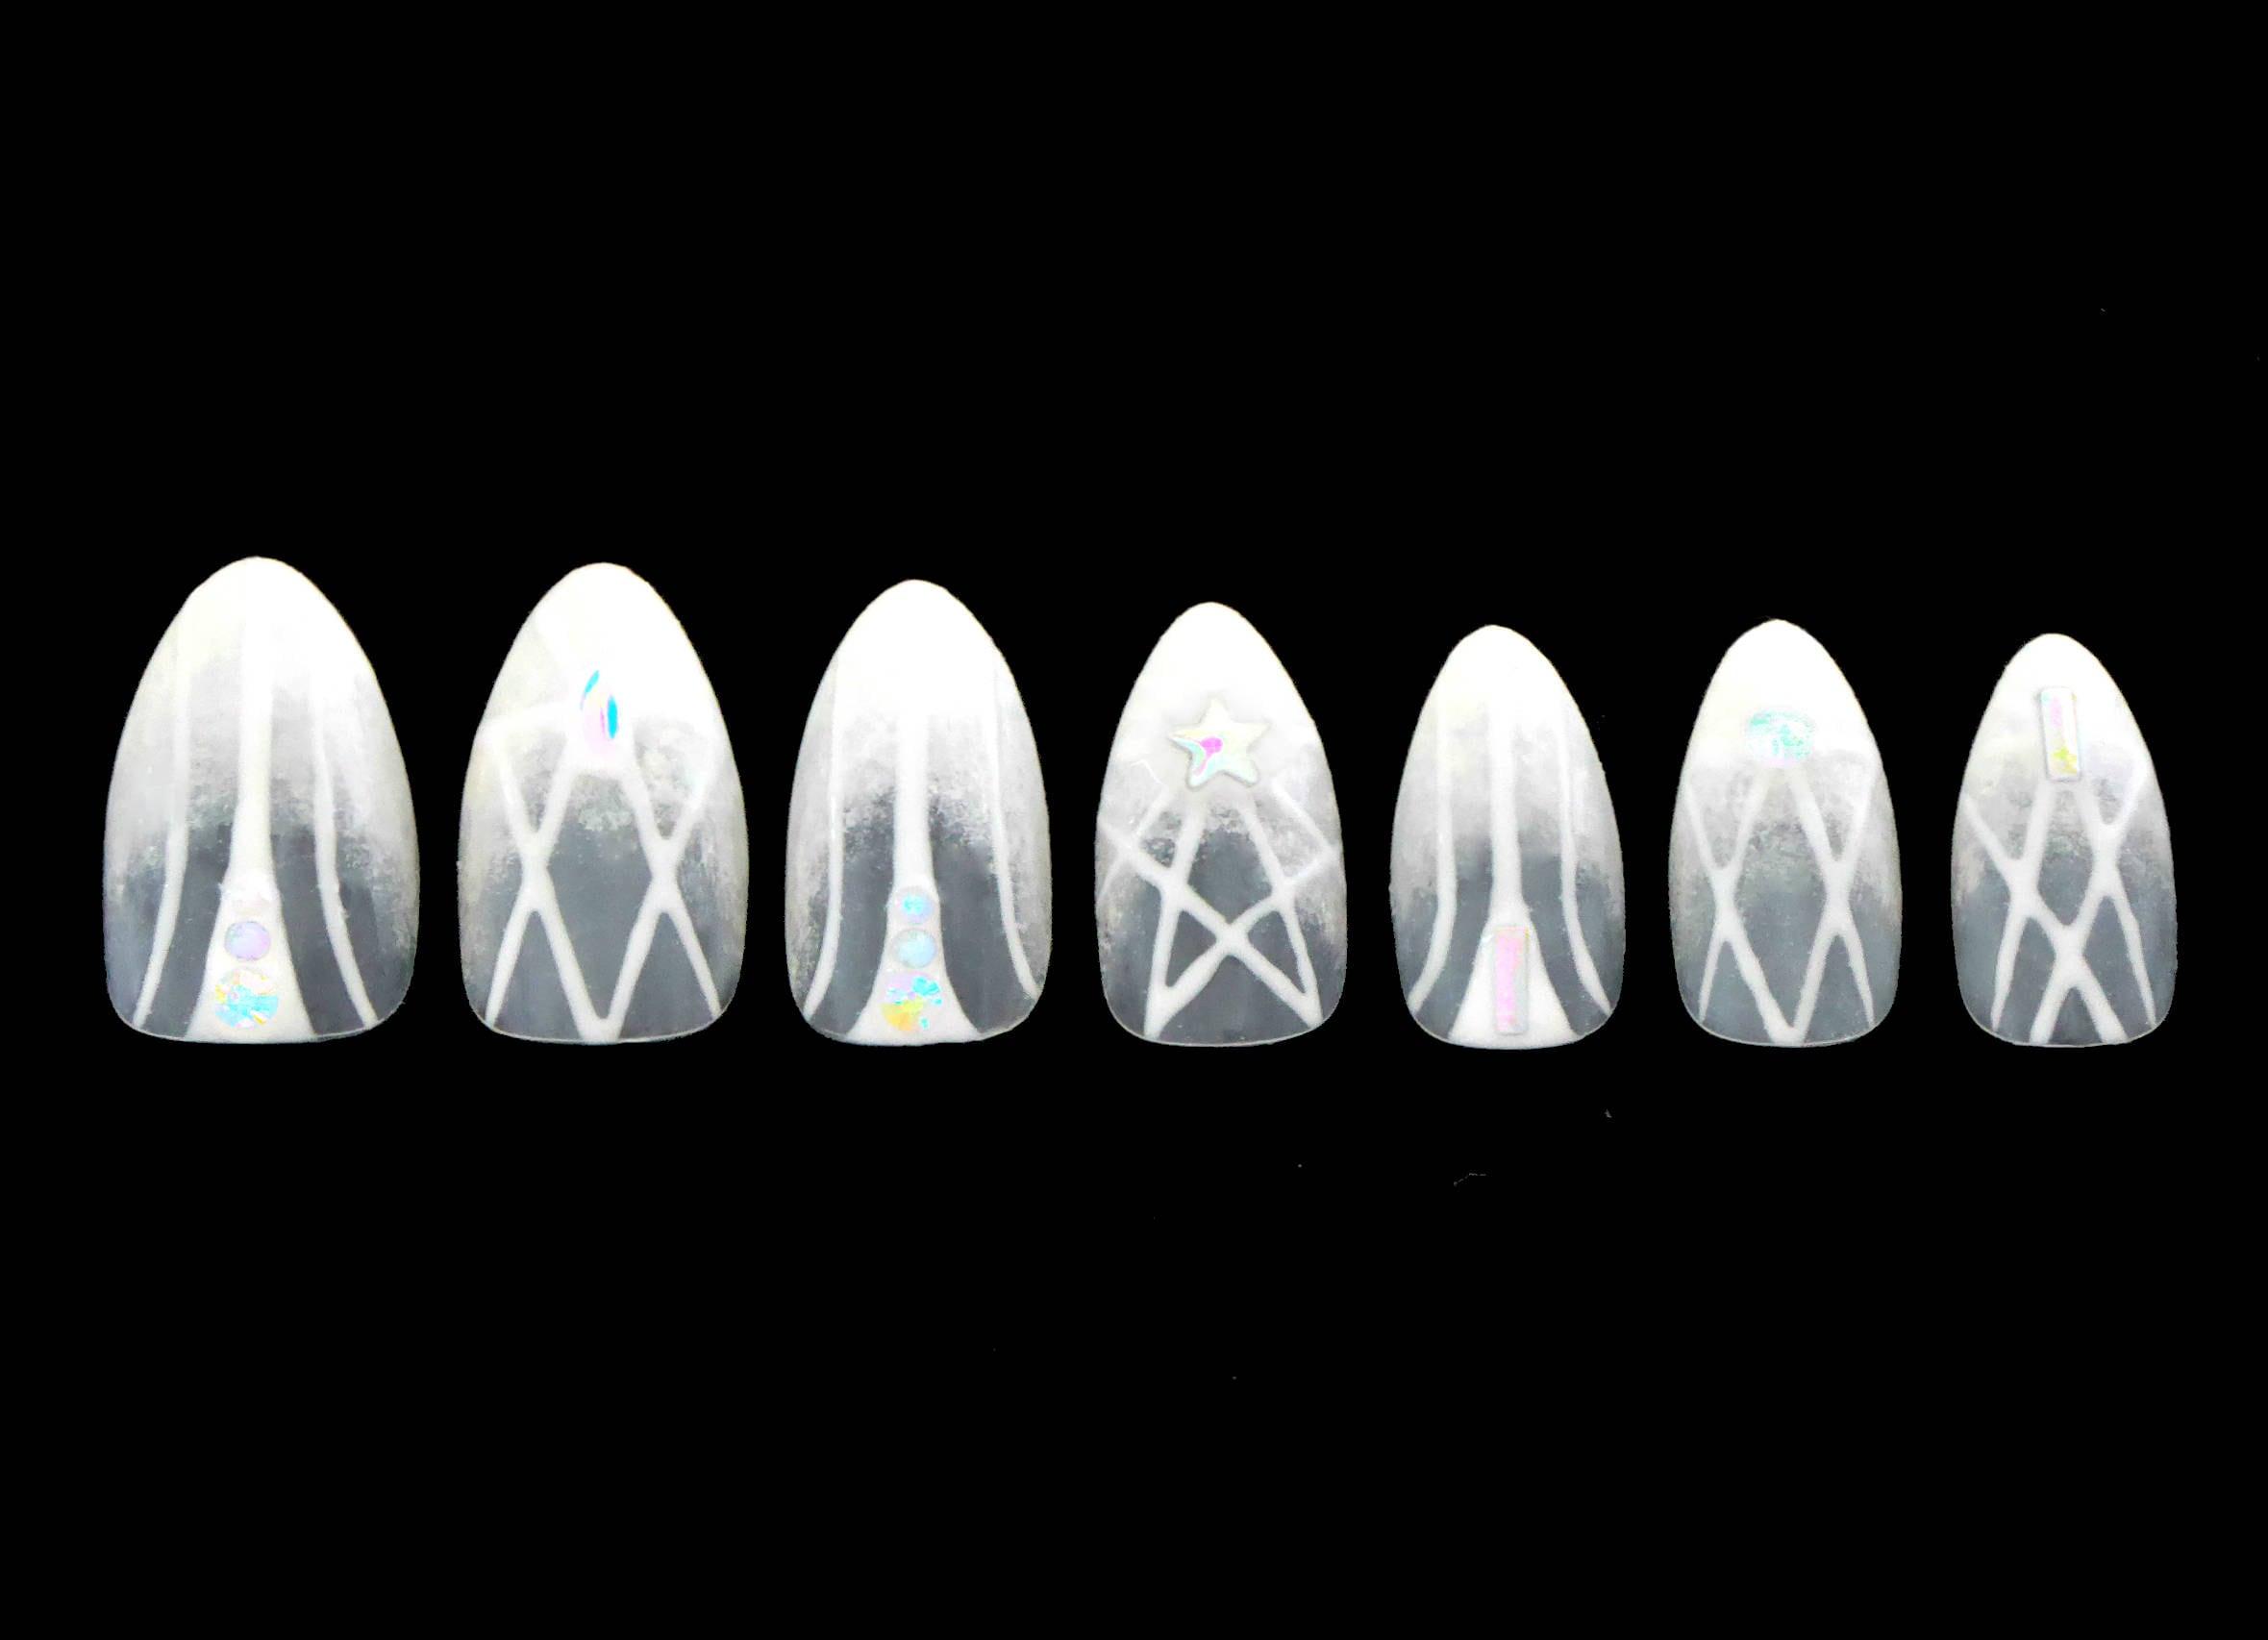 Weiße Magie Nägel / künstliche Nägel drücken Sie auf den